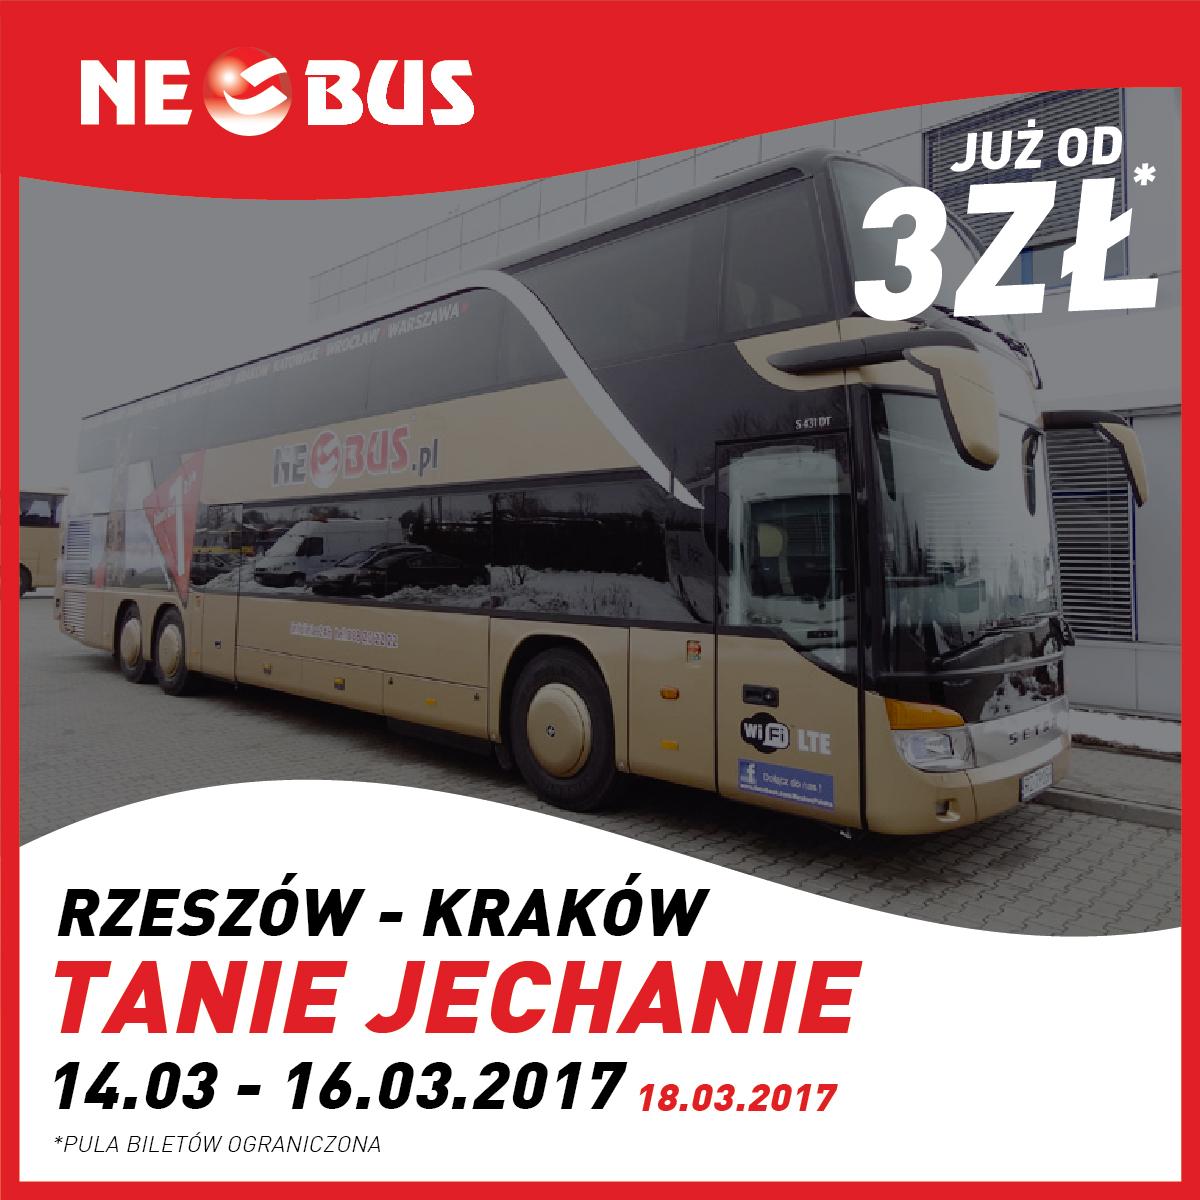 Bilety na trasie Rzeszów - Kraków/Kraków - Rzeszów po 3zł @ Neobus